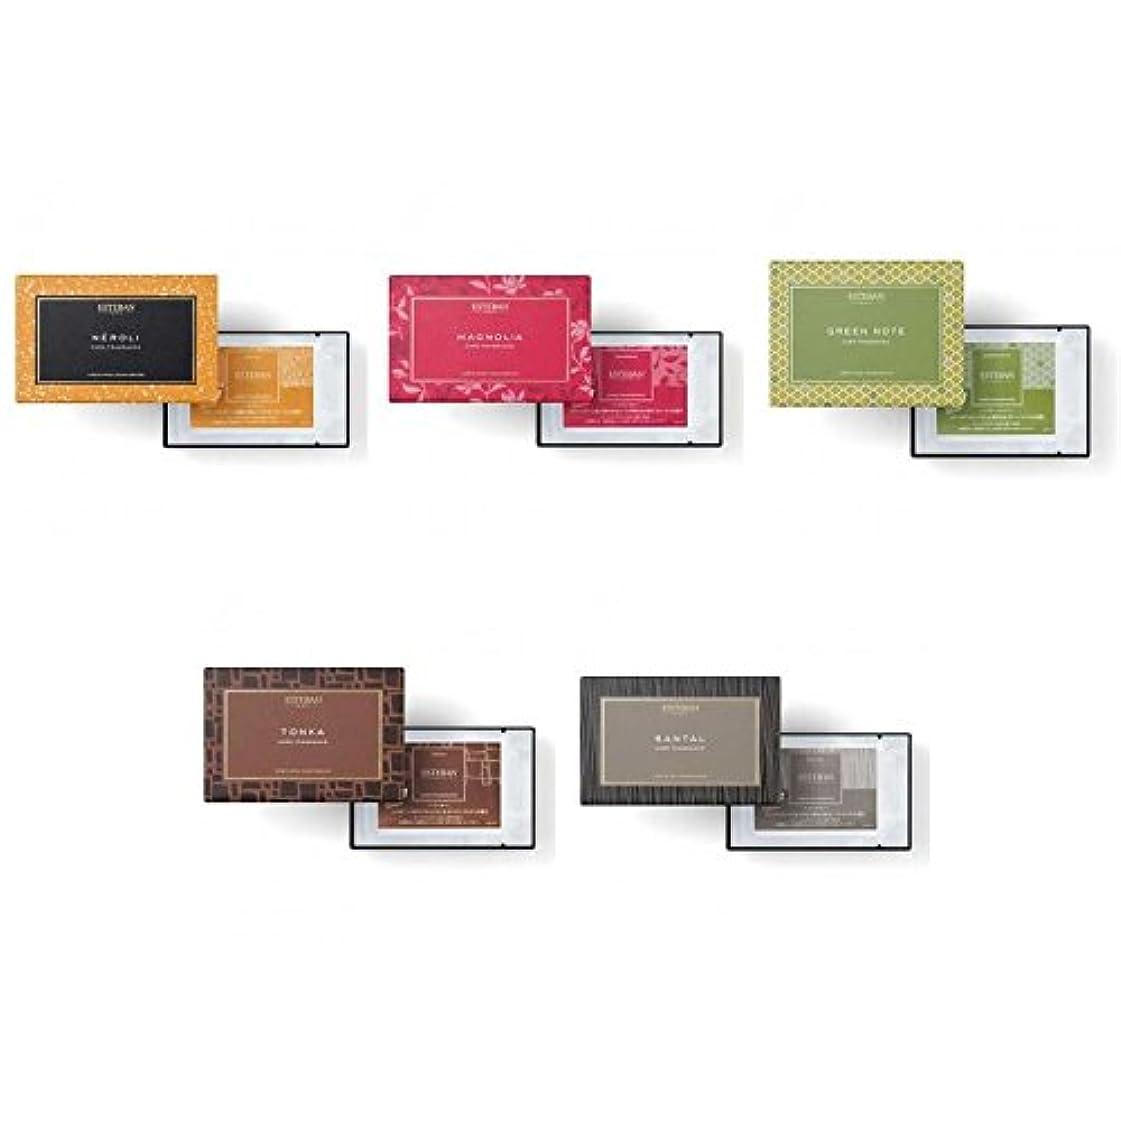 エステバン カードフレグランス 5種セット